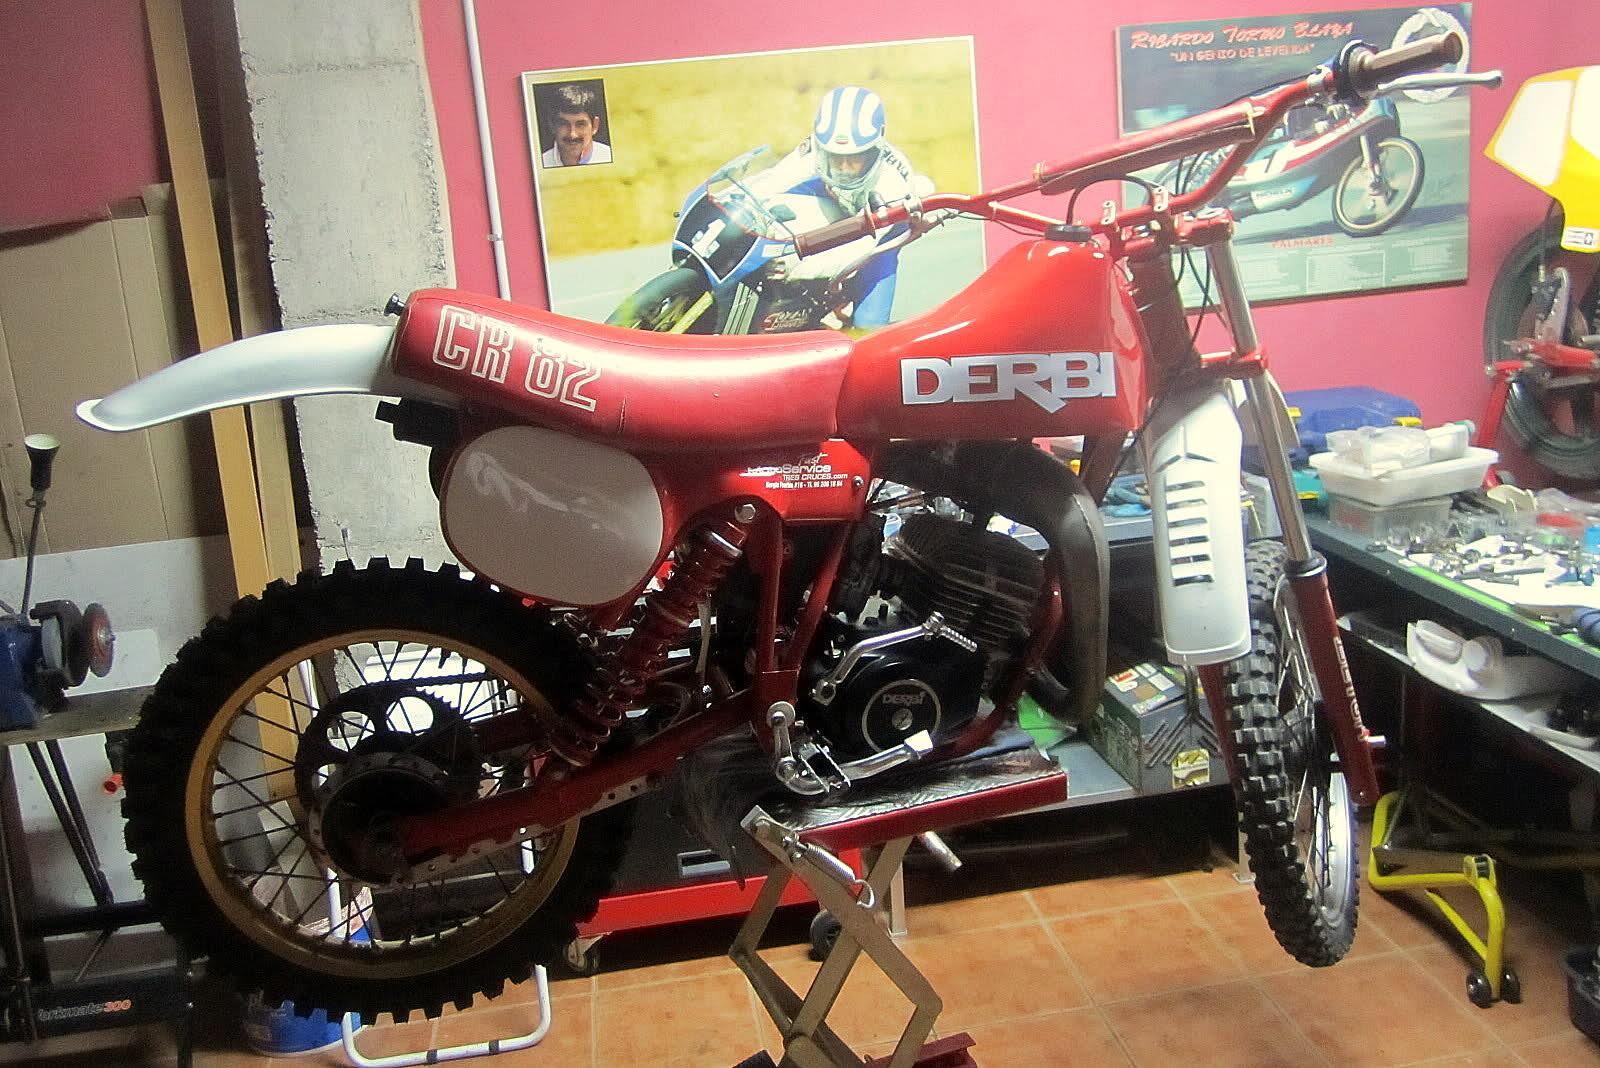 Derbi CR 82 - Motoret - Página 3 M93v69